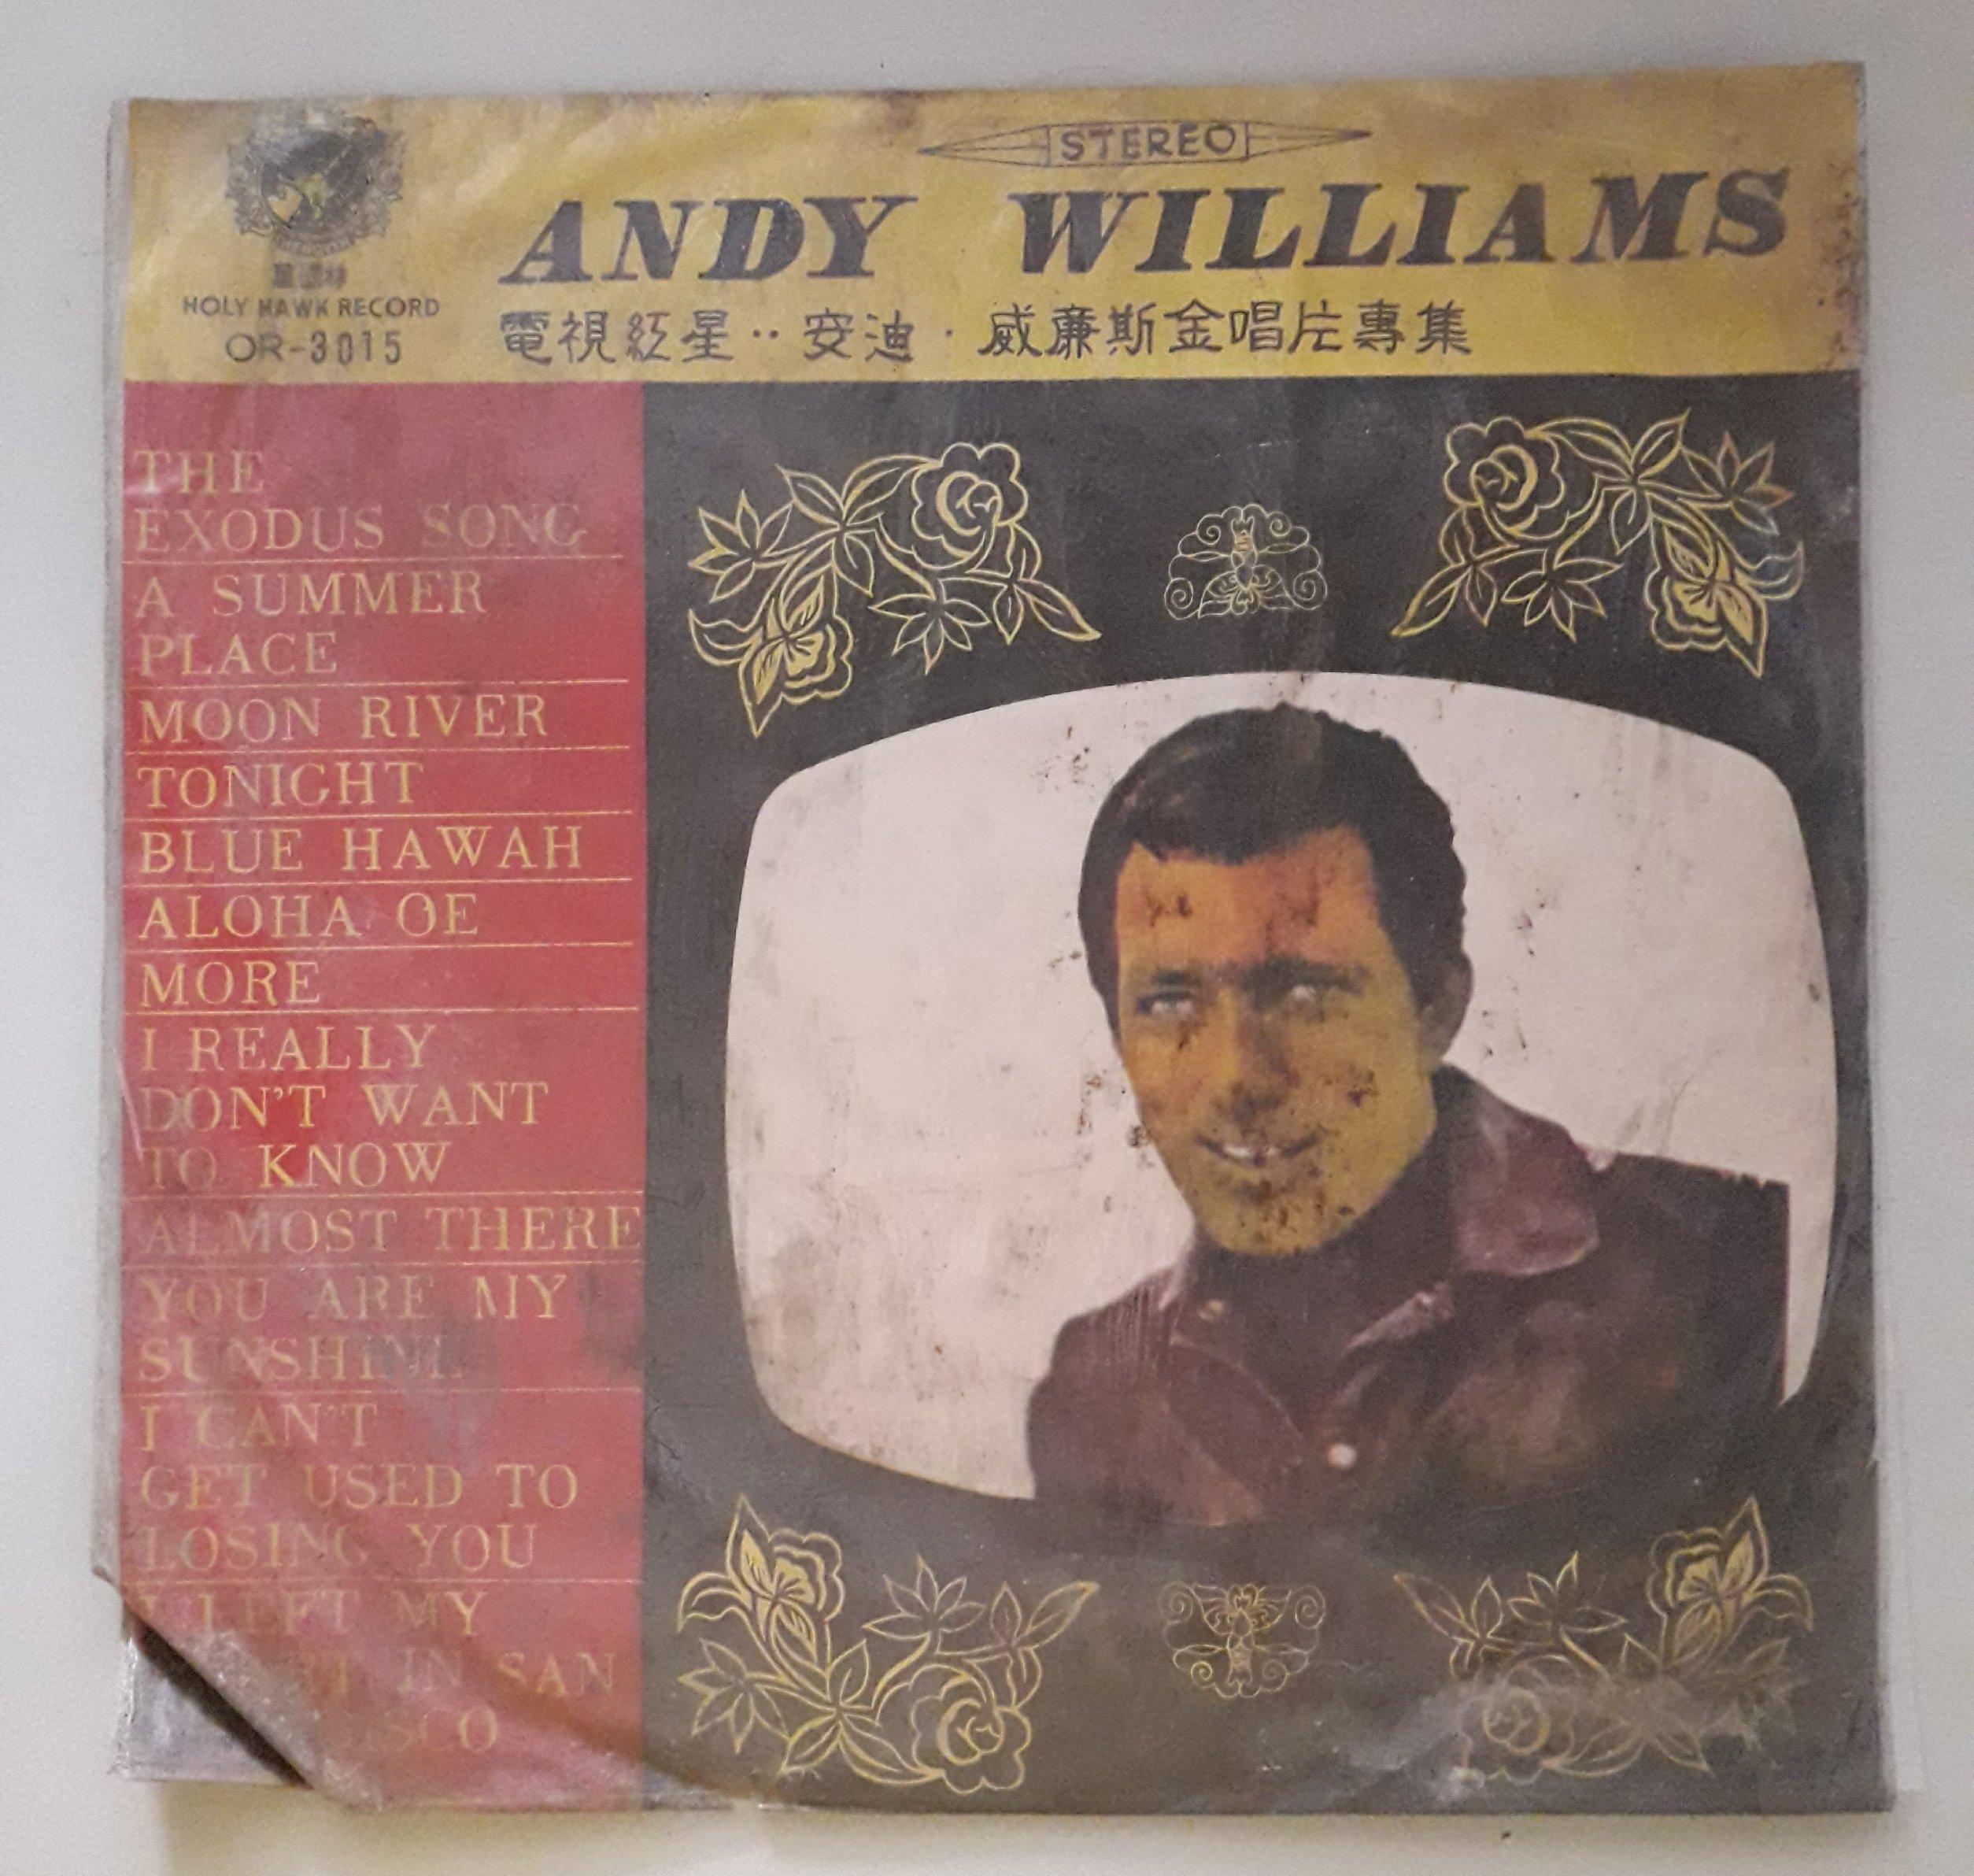 【黑潮】 西洋/電視紅星/安迪.威廉斯金唱片專集...民國58年3月出版